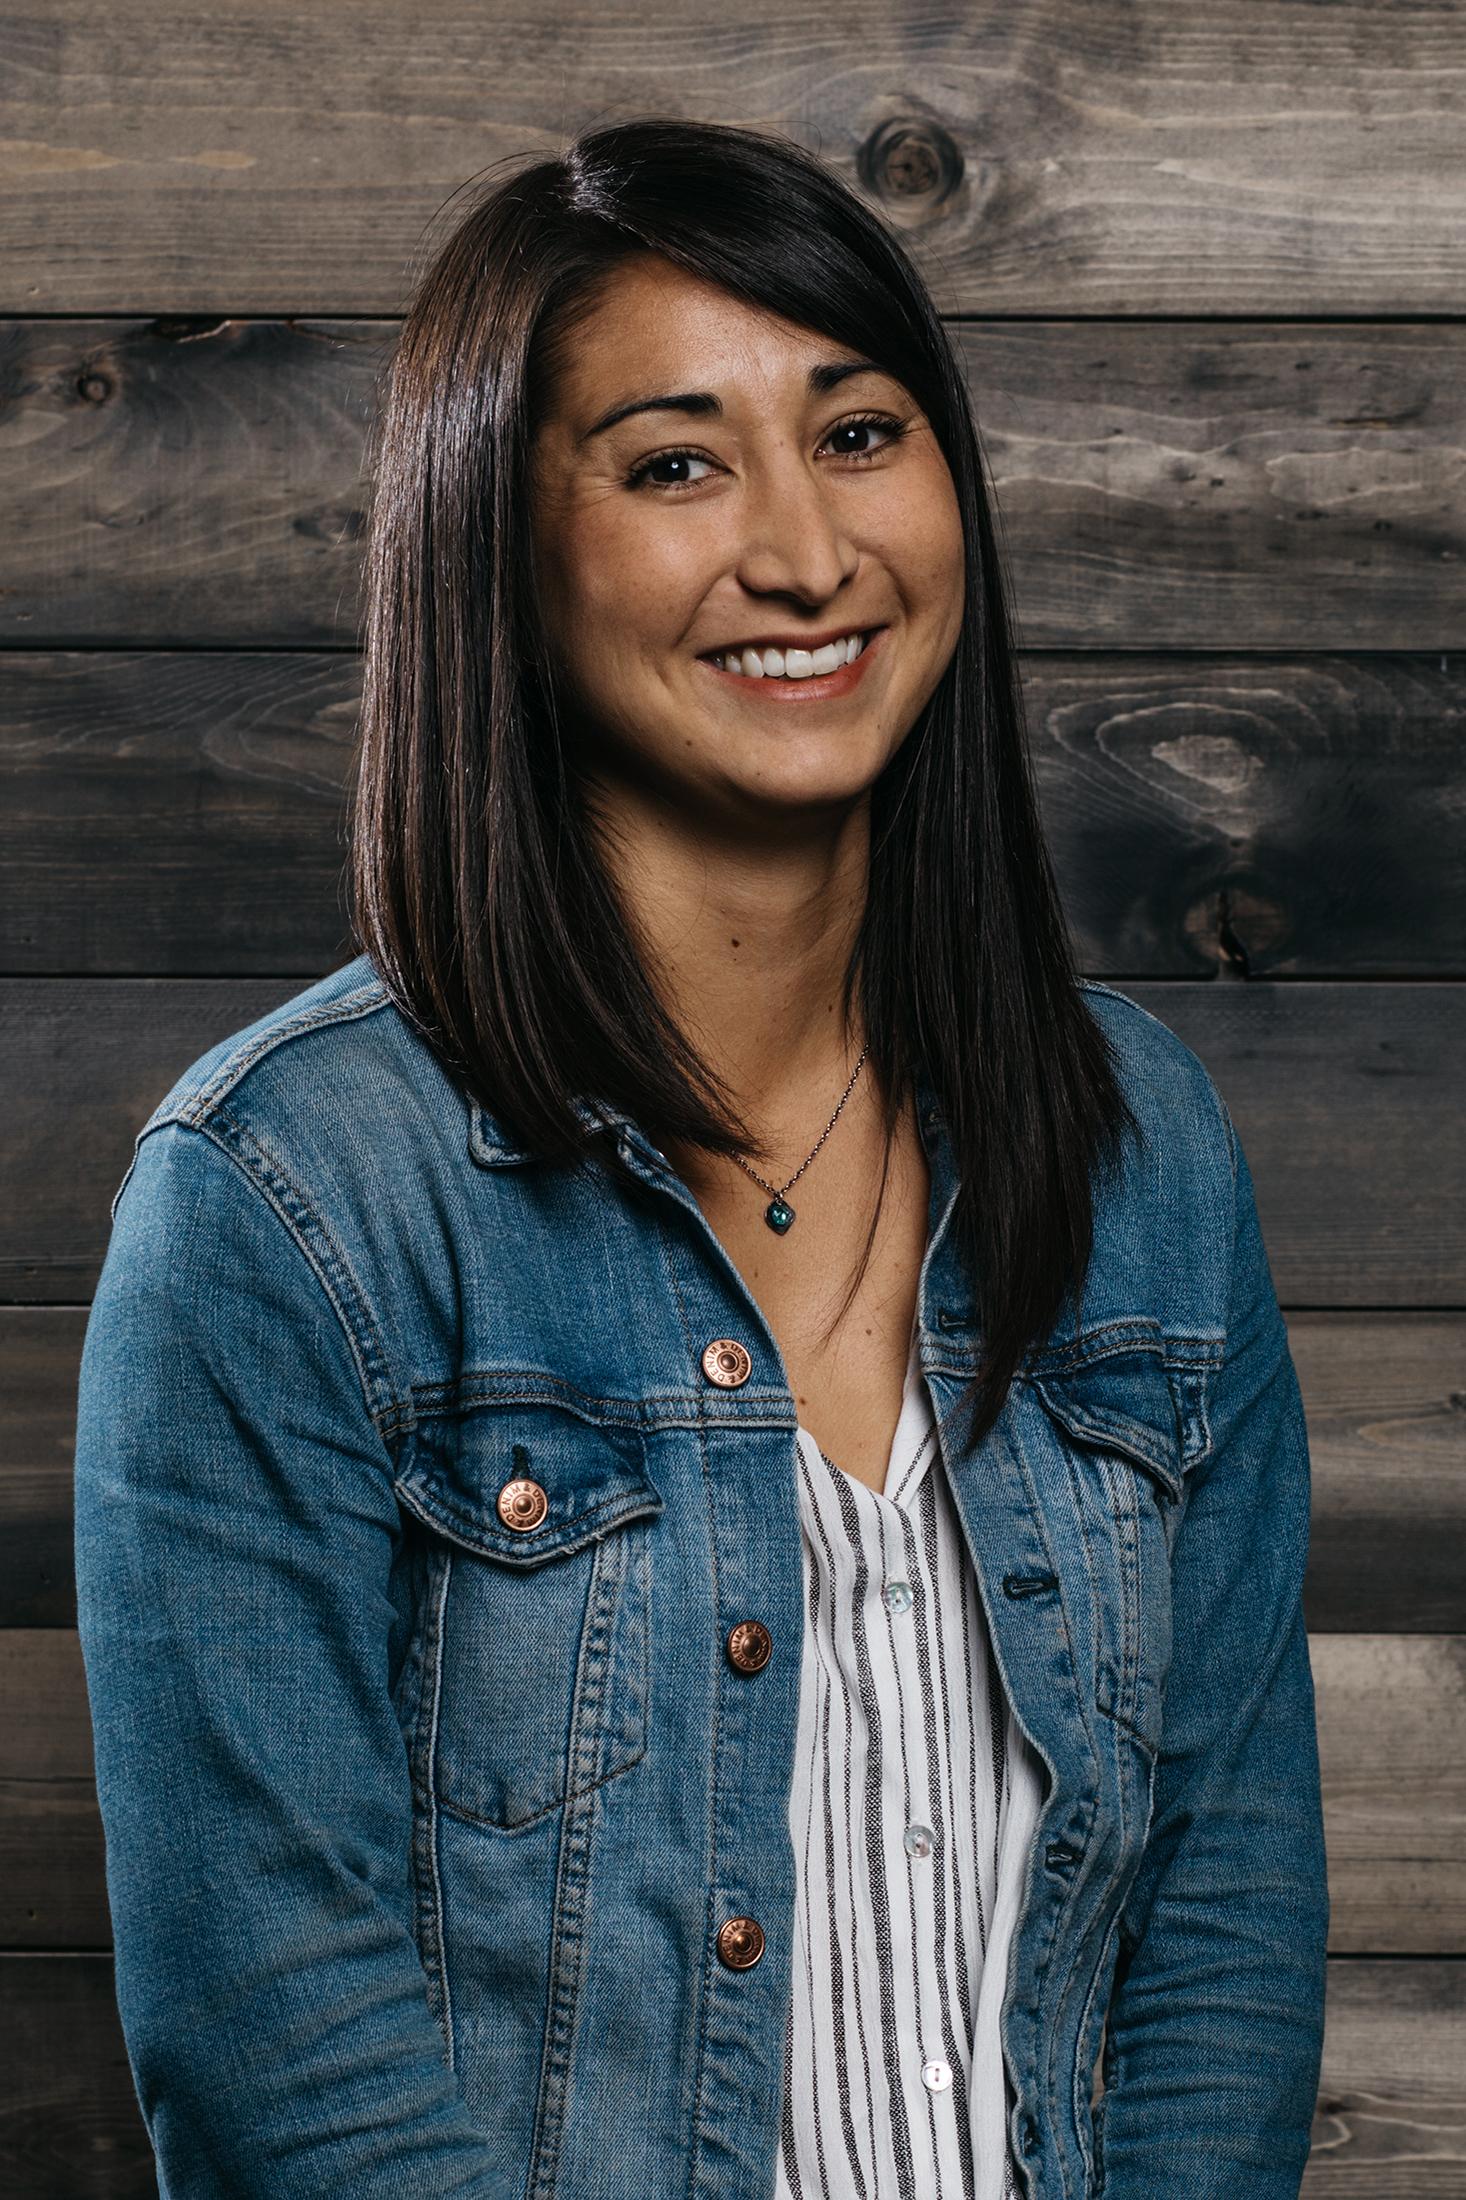 Jessica Sato